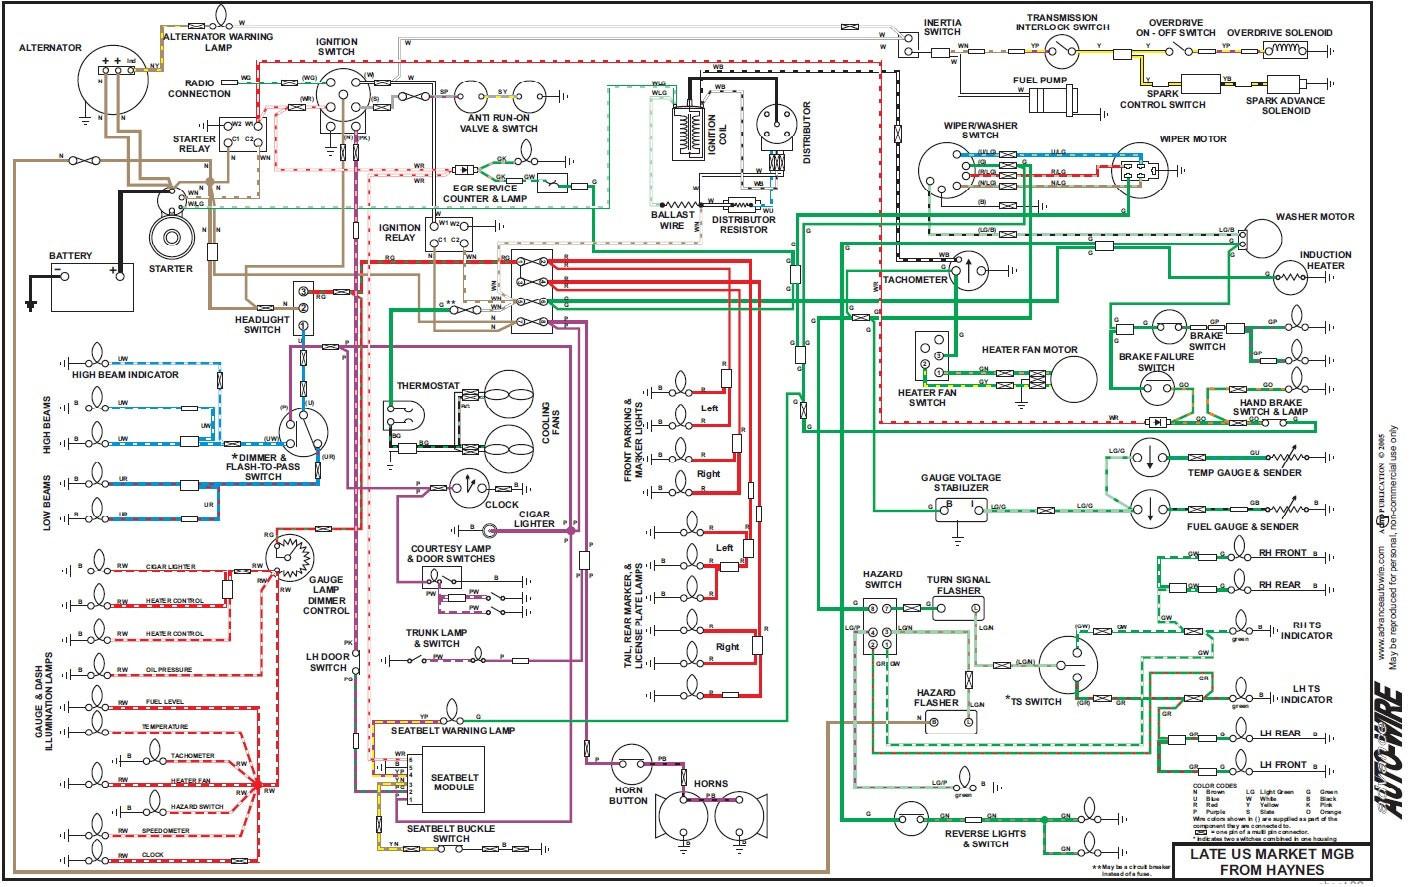 1973 Mg Mgb Wiring Diagram Schematic | Wiring Diagram - Mgb Wiring Diagram